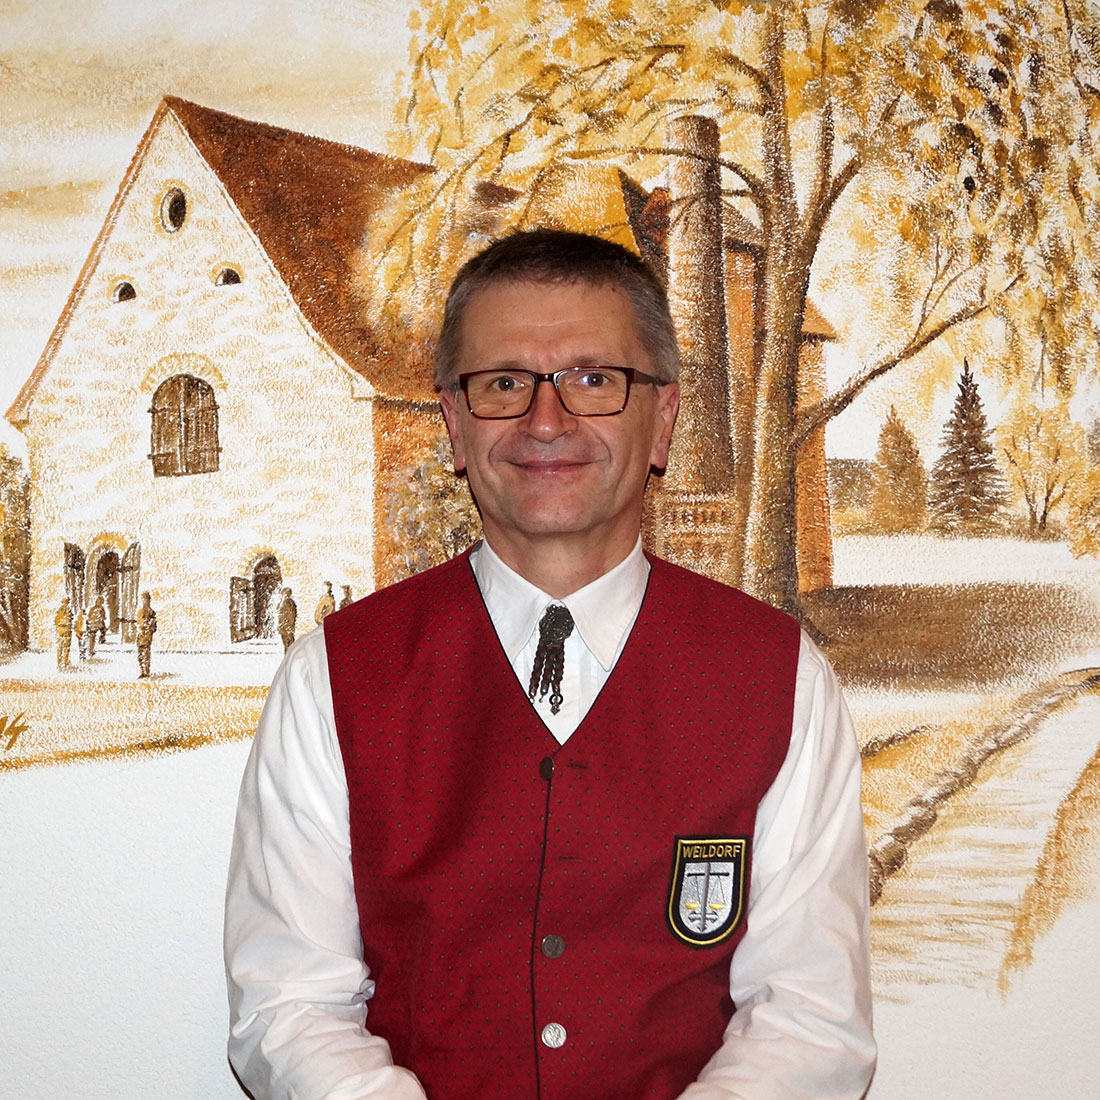 Manfred Kleiner